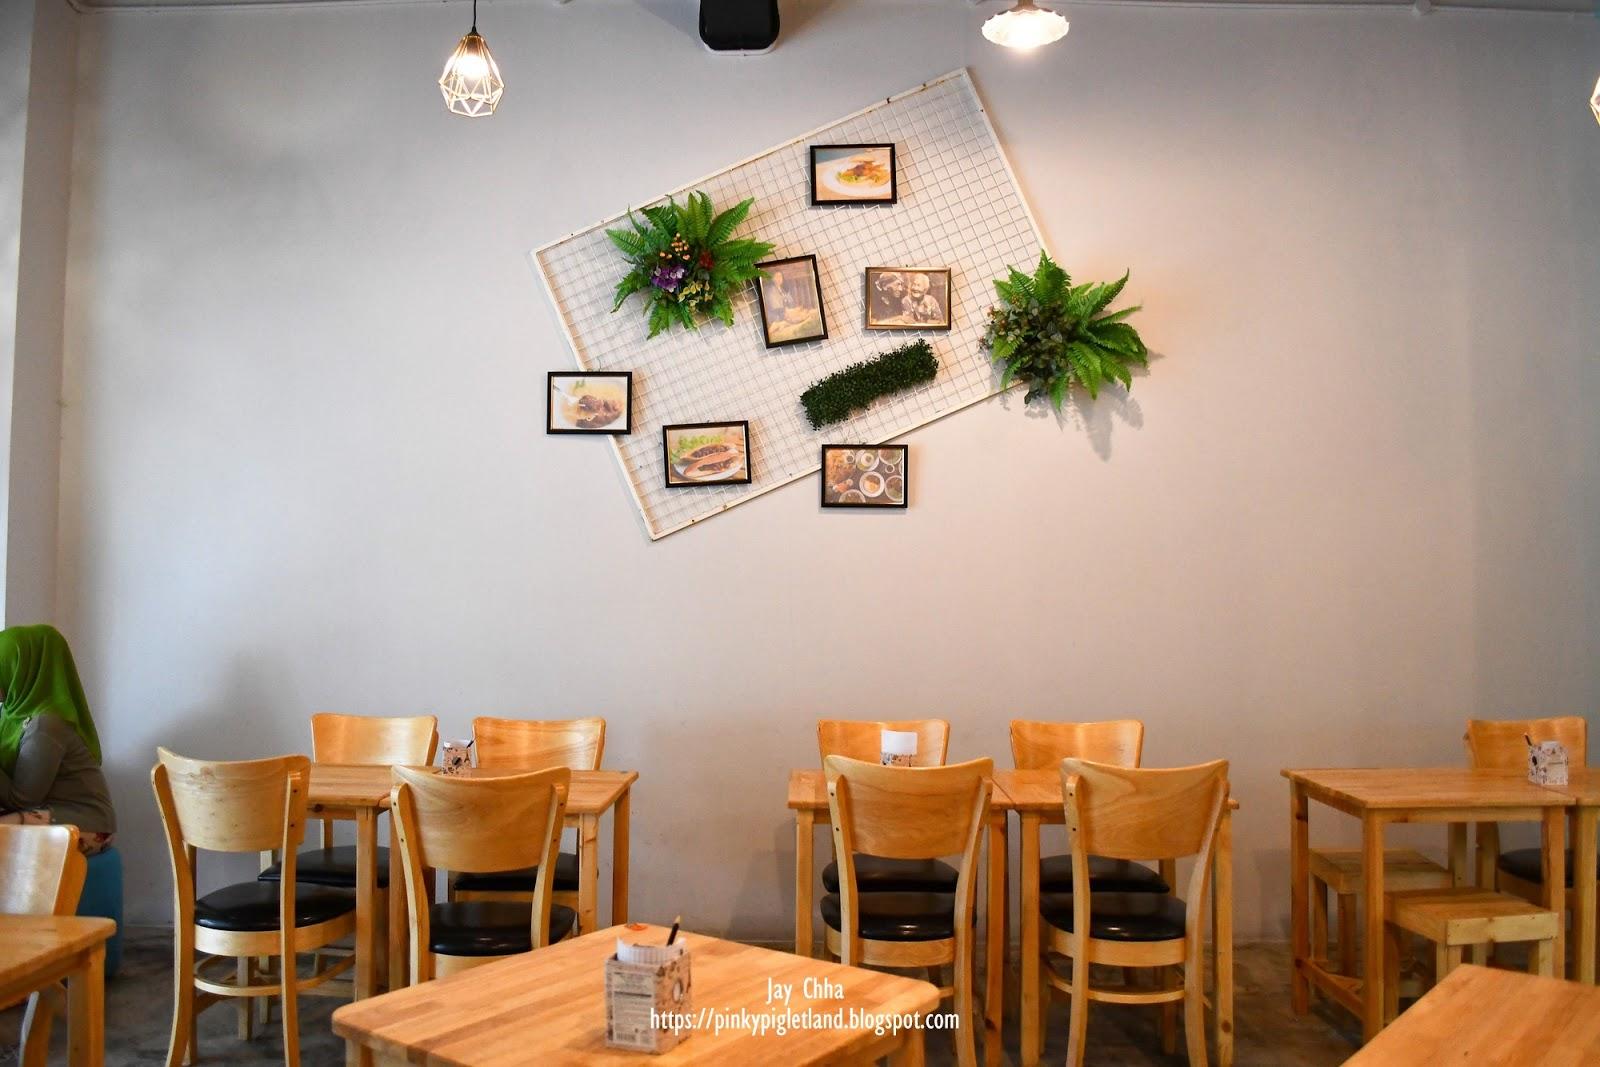 Jay Chha Penang Food Blog & Village Kitchen @ Solaria Square Bayan Lepas Penang